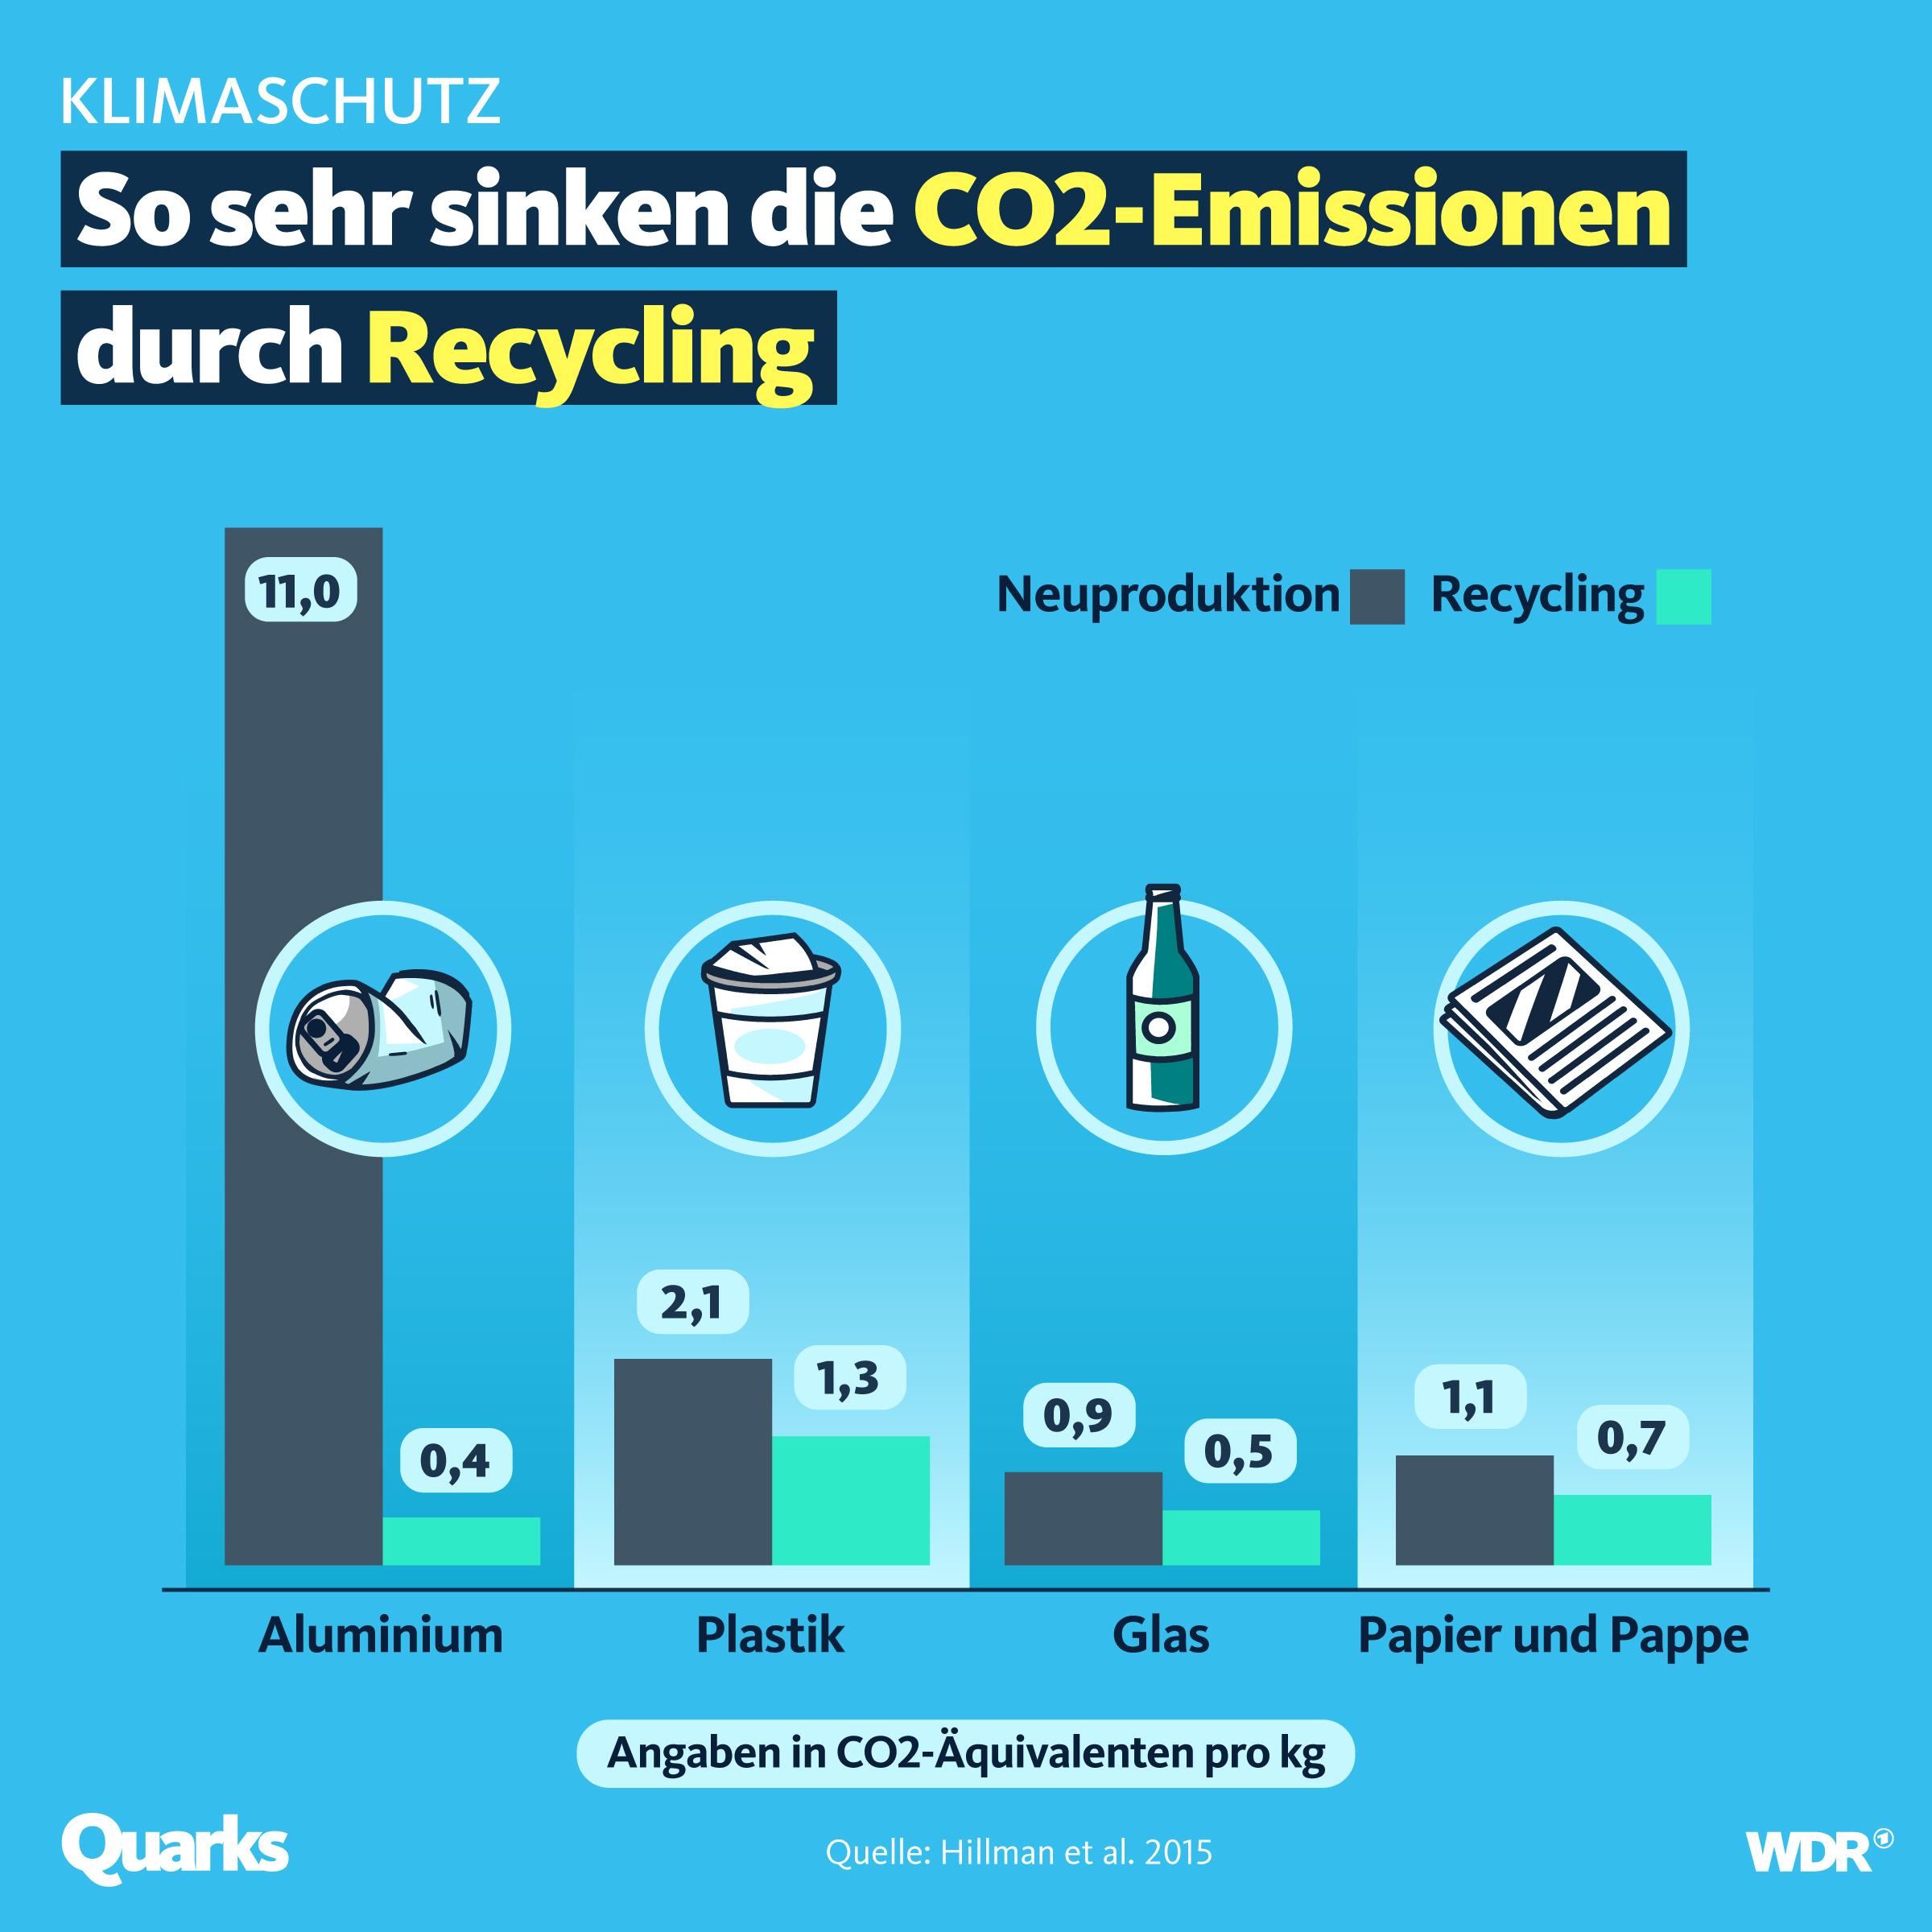 So sehr senken die CO2-Emissionen durch Recycling